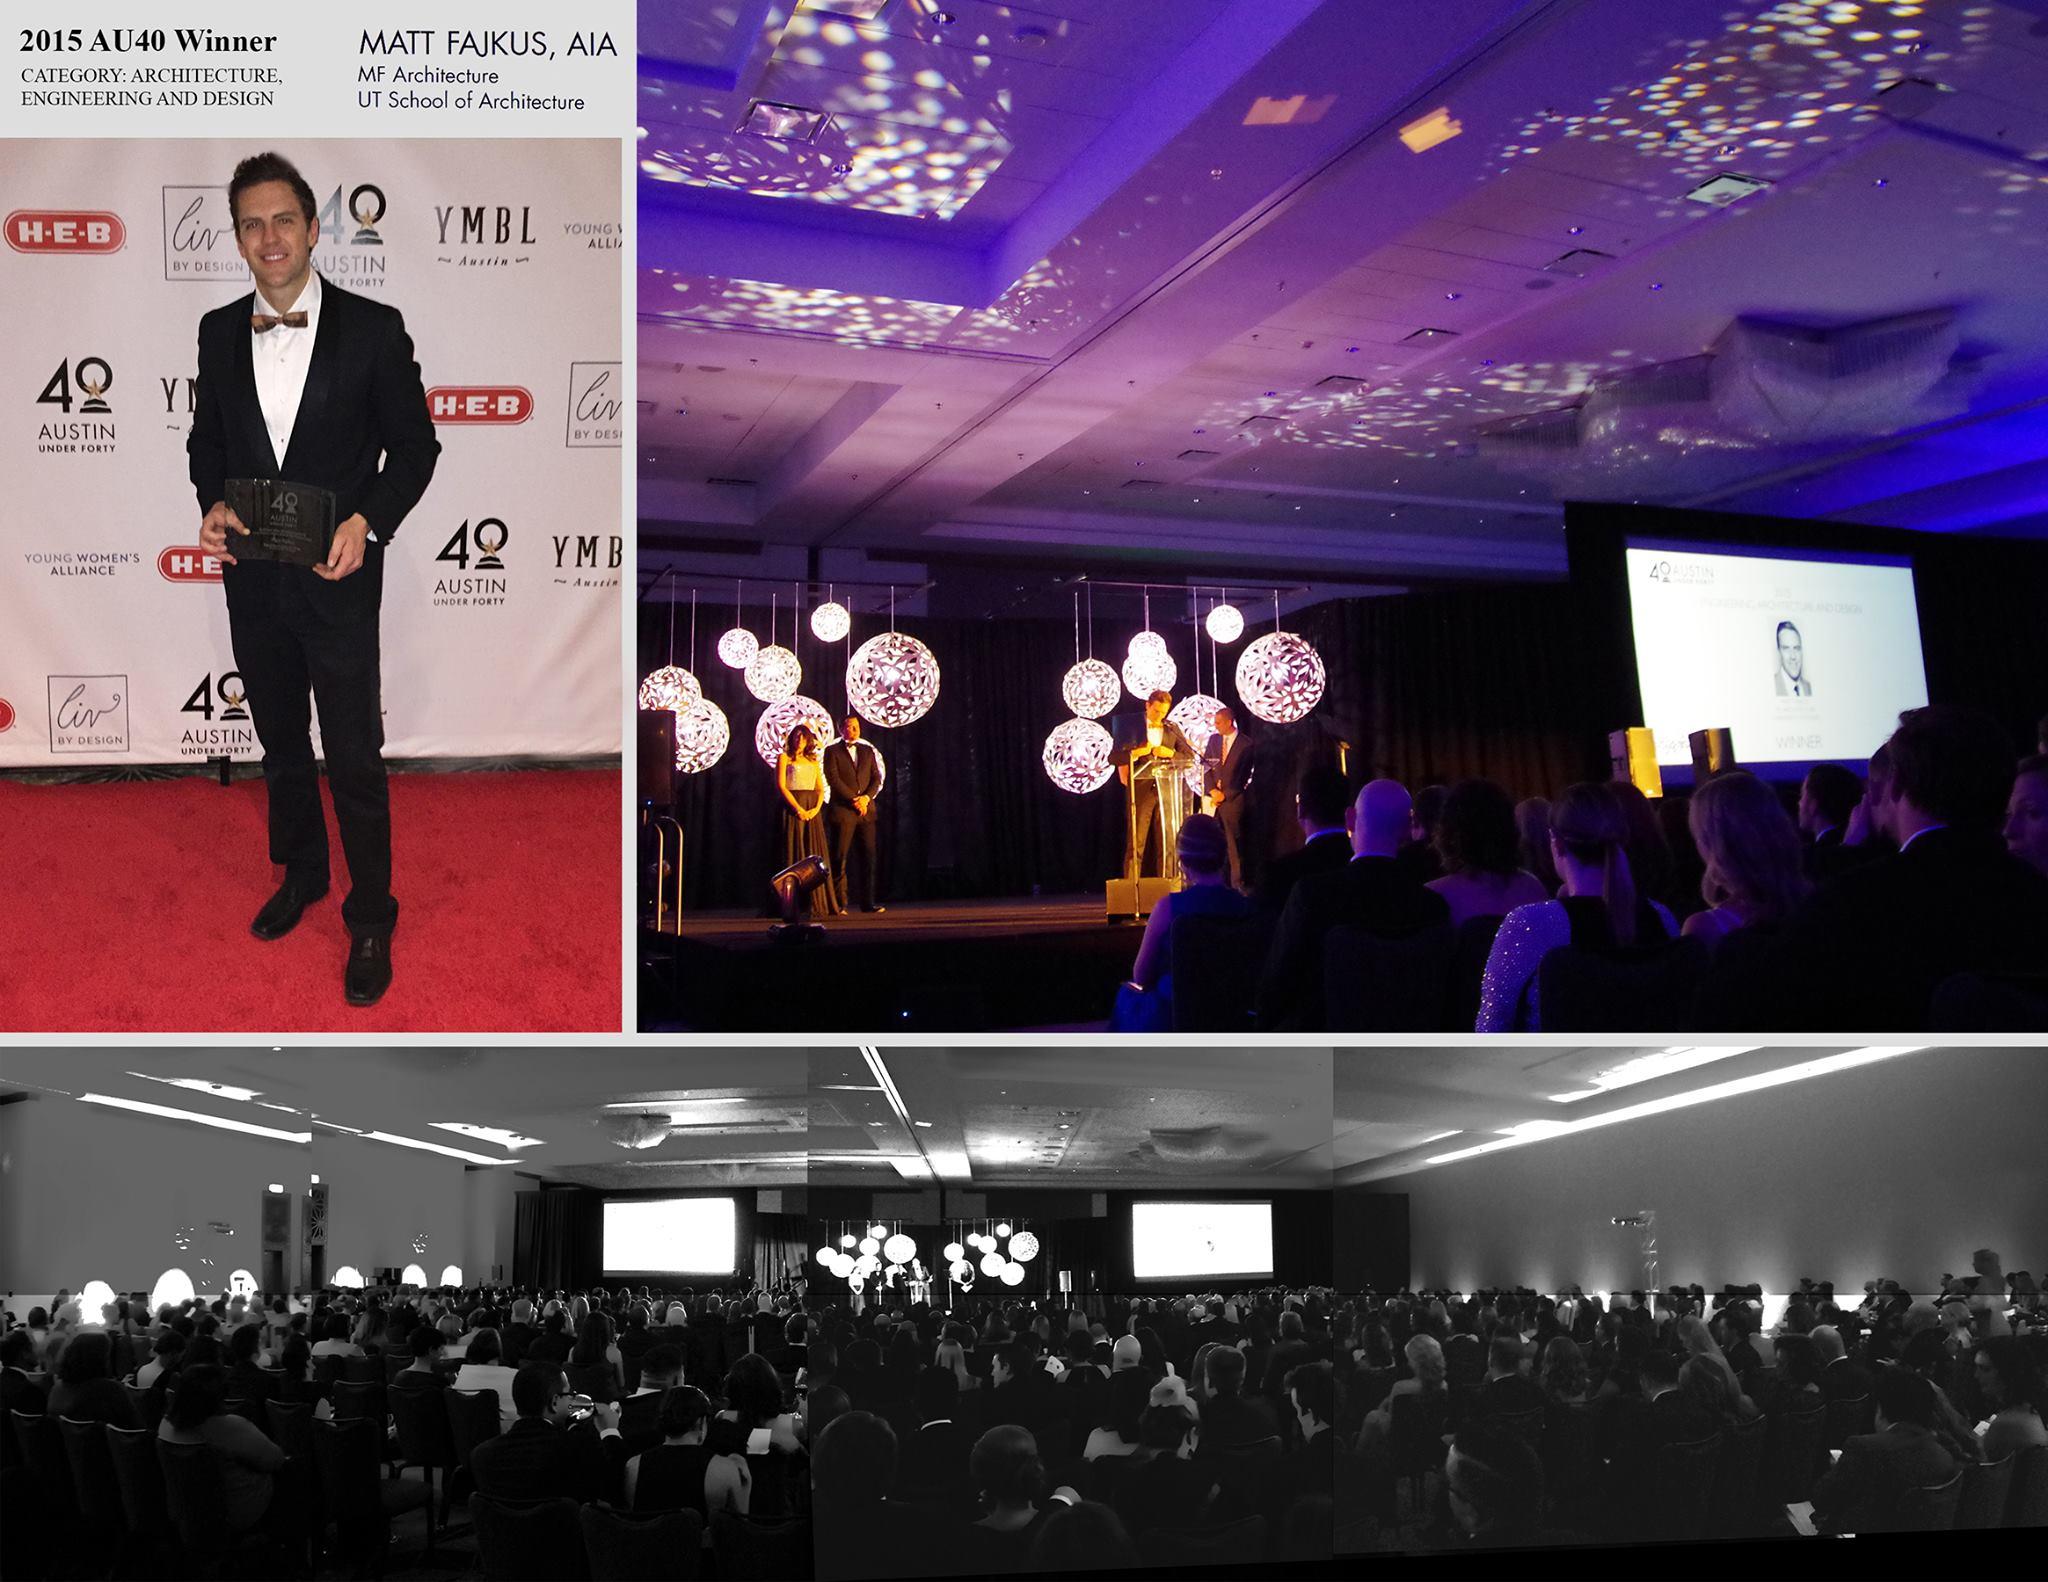 2015 AU40 Award ceremony